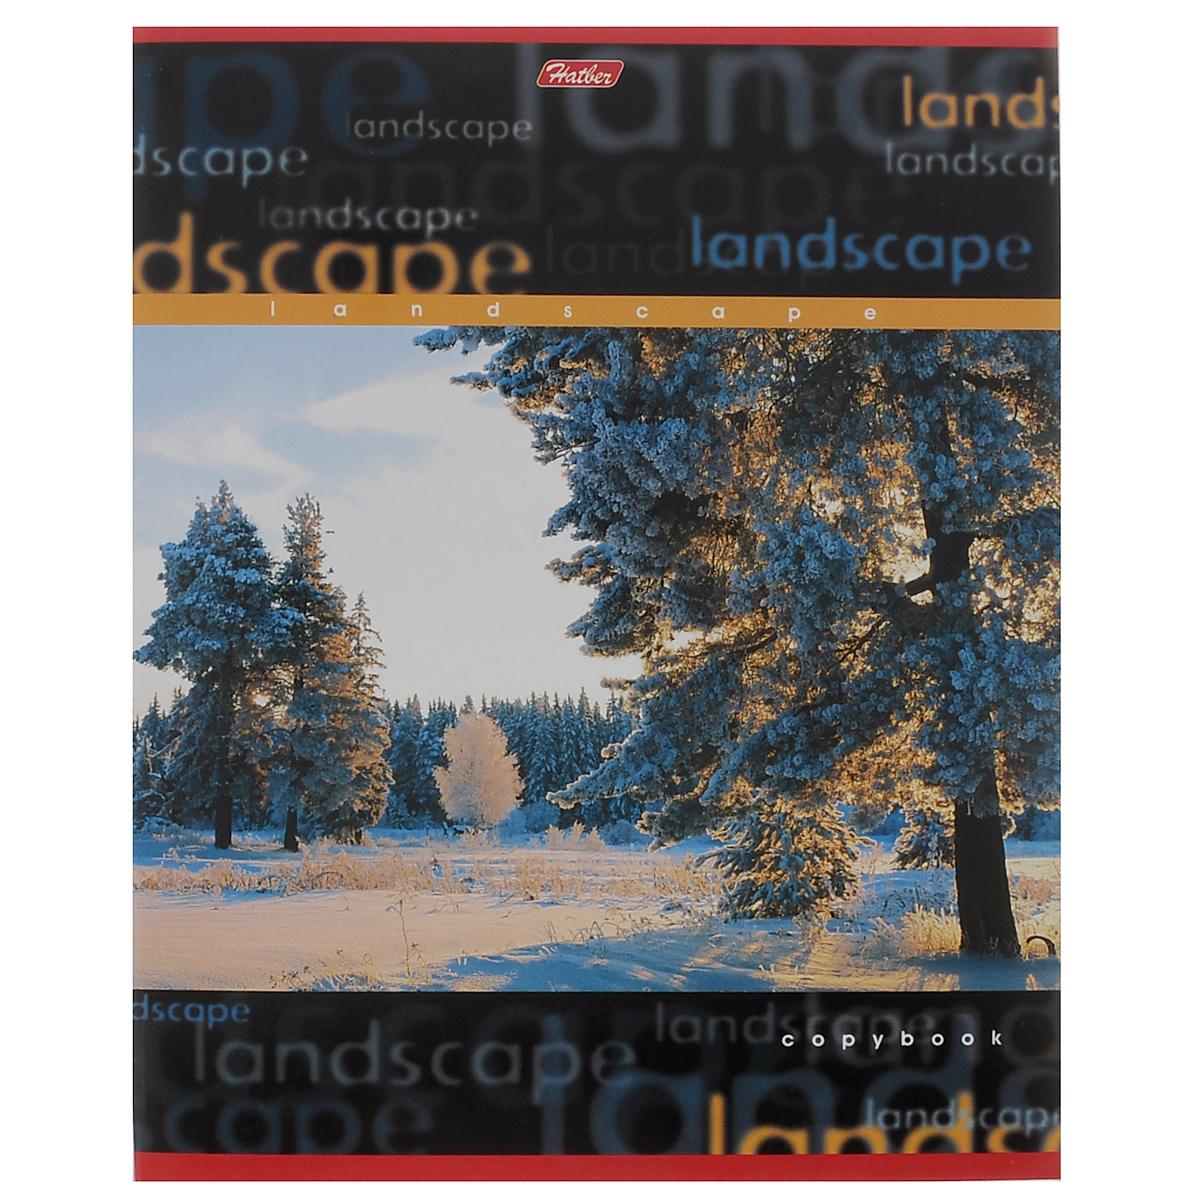 Тетрадь в линейку Hatber Пейзажи. Зимний лес, 96 листов96Т5B2_черныйТетрадь Hatber Пейзажи. Зимний лес отлично подойдет для занятий школьнику или студенту.Обложка, выполненная из плотного мелованного картона, позволит сохранить тетрадь в аккуратном состоянии на протяжении всего времени использования. Лицевая сторона оформлена красочным изображением зимнего пейзажа.Внутренний блок тетради, соединенный металлическими скрепками, состоит из 96 листов белой бумаги в голубую линейку с полями.